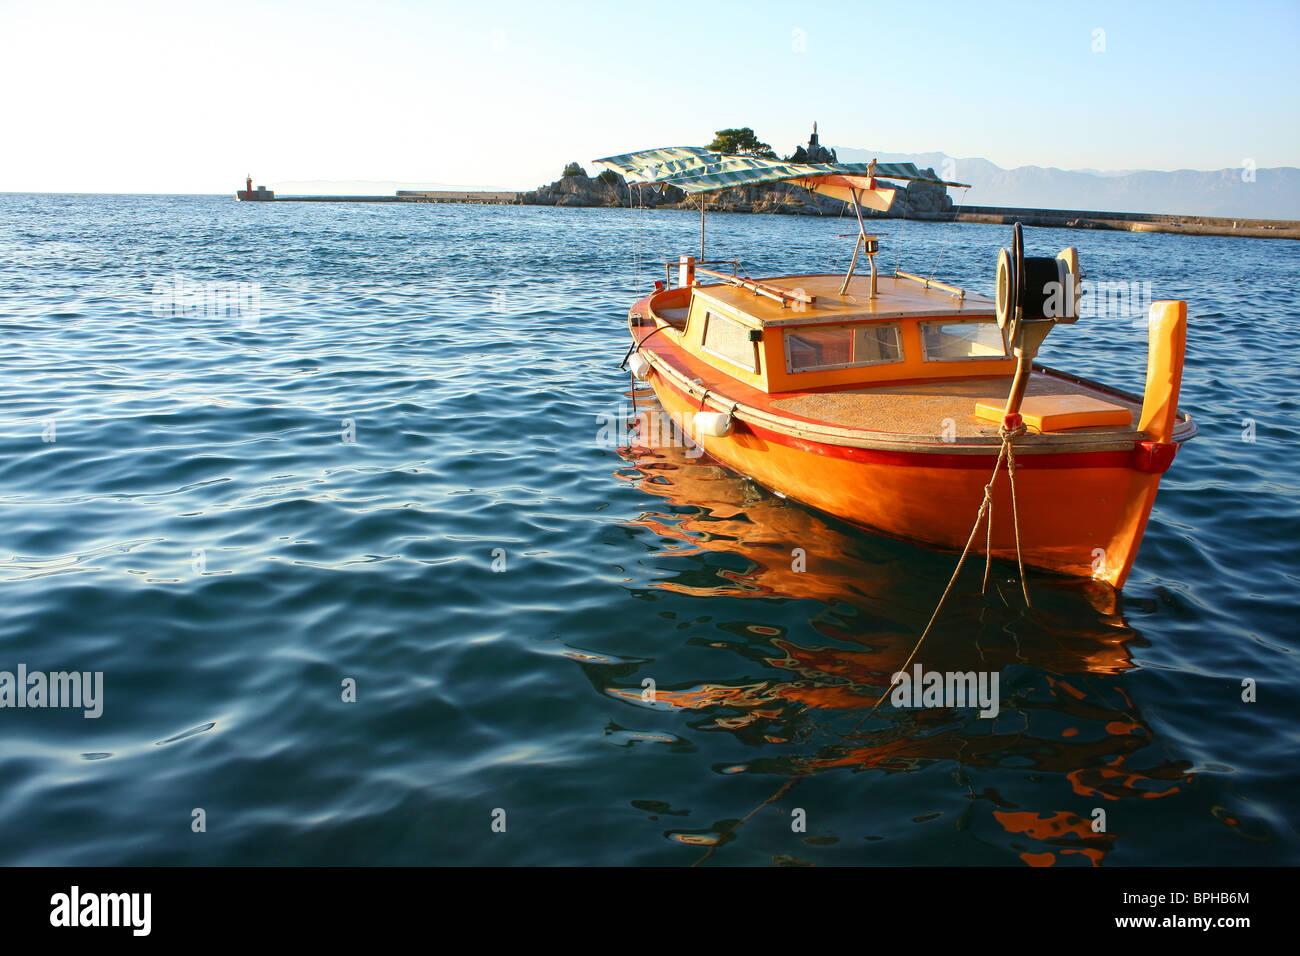 Bateau sur la mer d'Orange Photo Stock